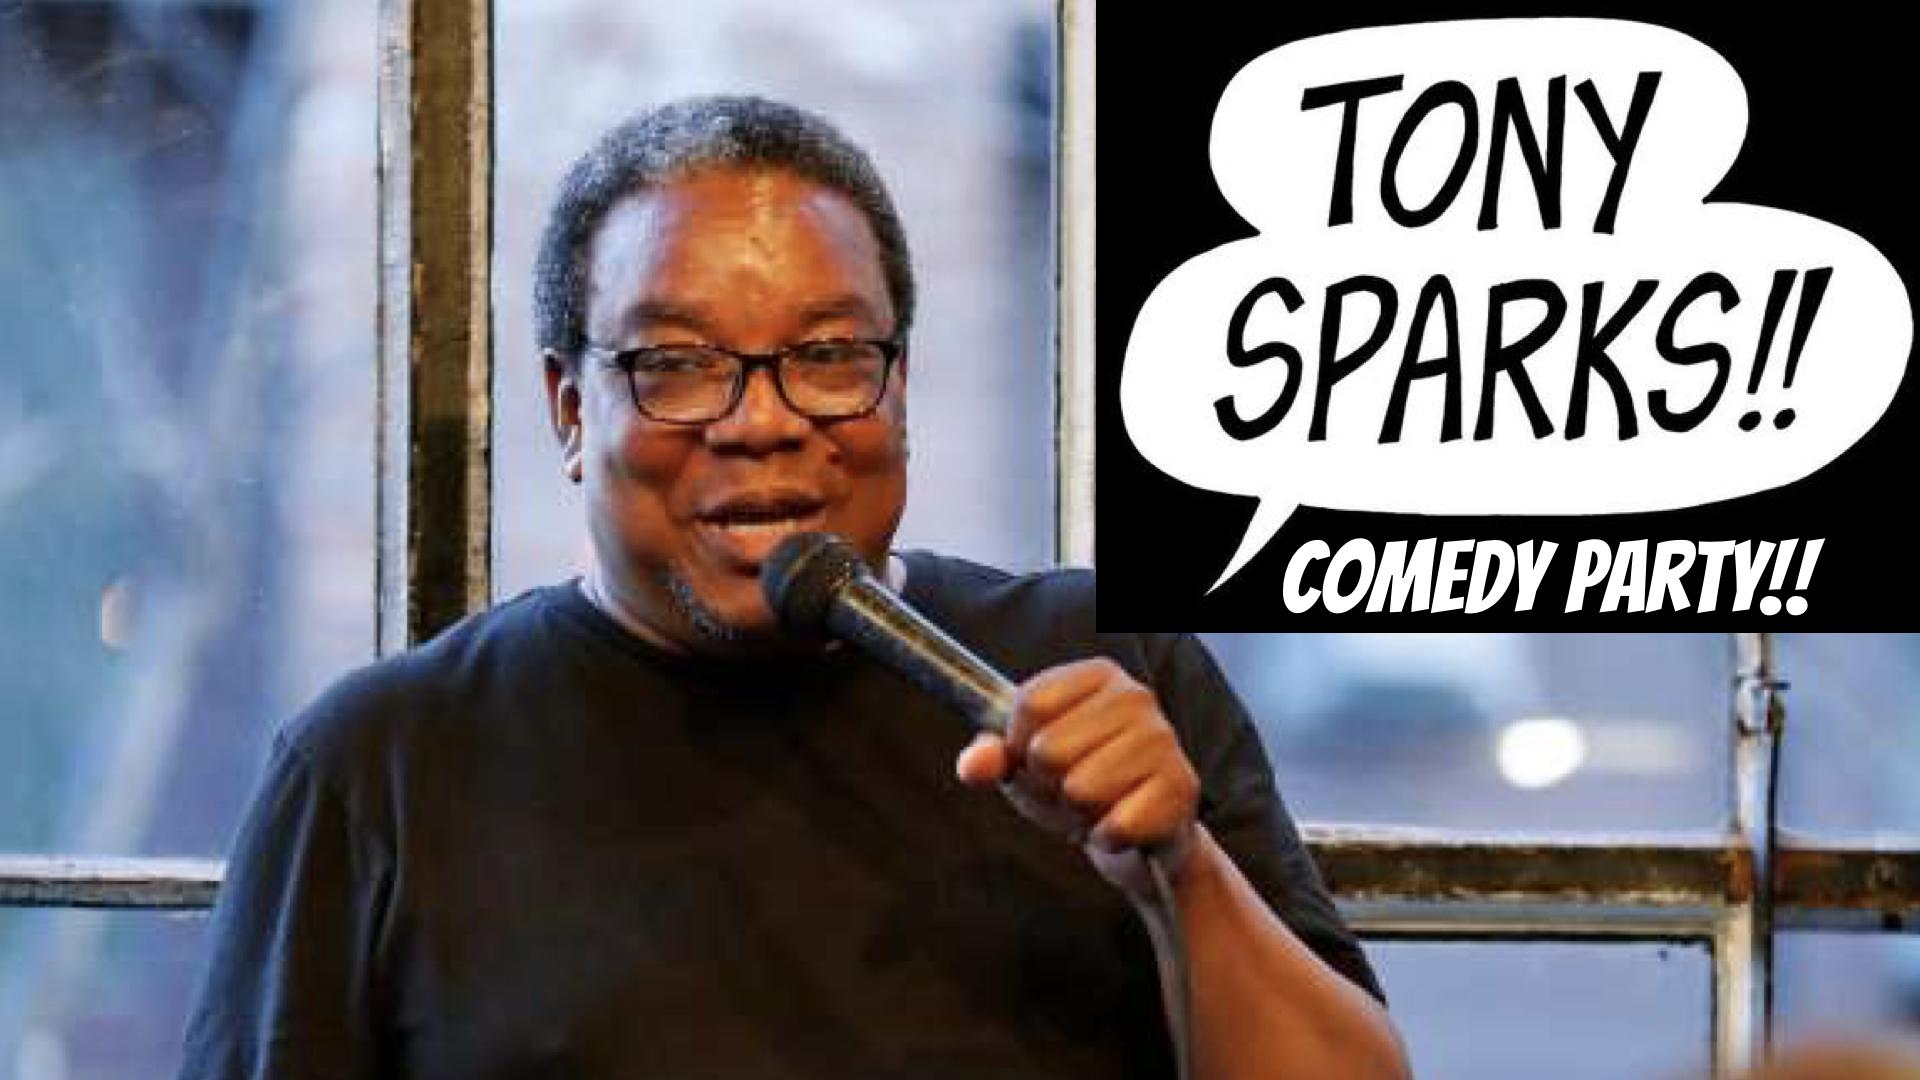 tony sparks comedy party!.001.jpeg